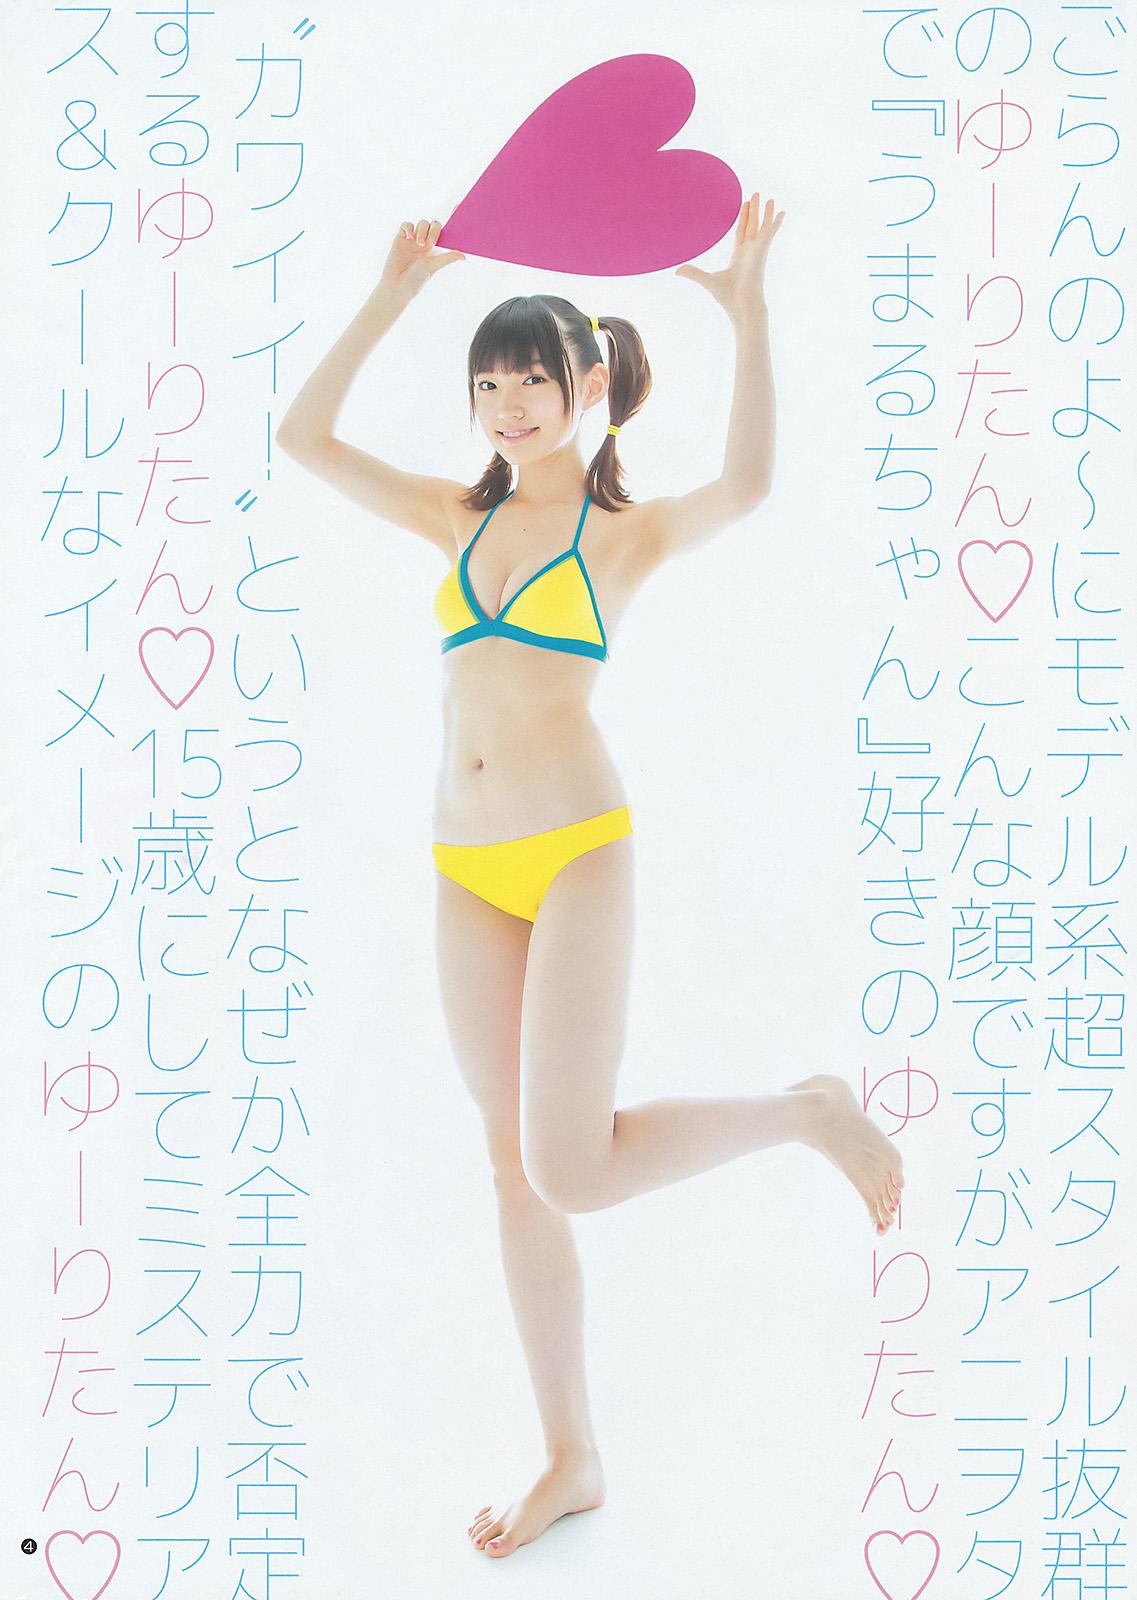 NMB48太田夢莉 エロ画像31枚!次代のエース・センター争いをしている美少女の水着グラビアぐうシコwww・11枚目の画像